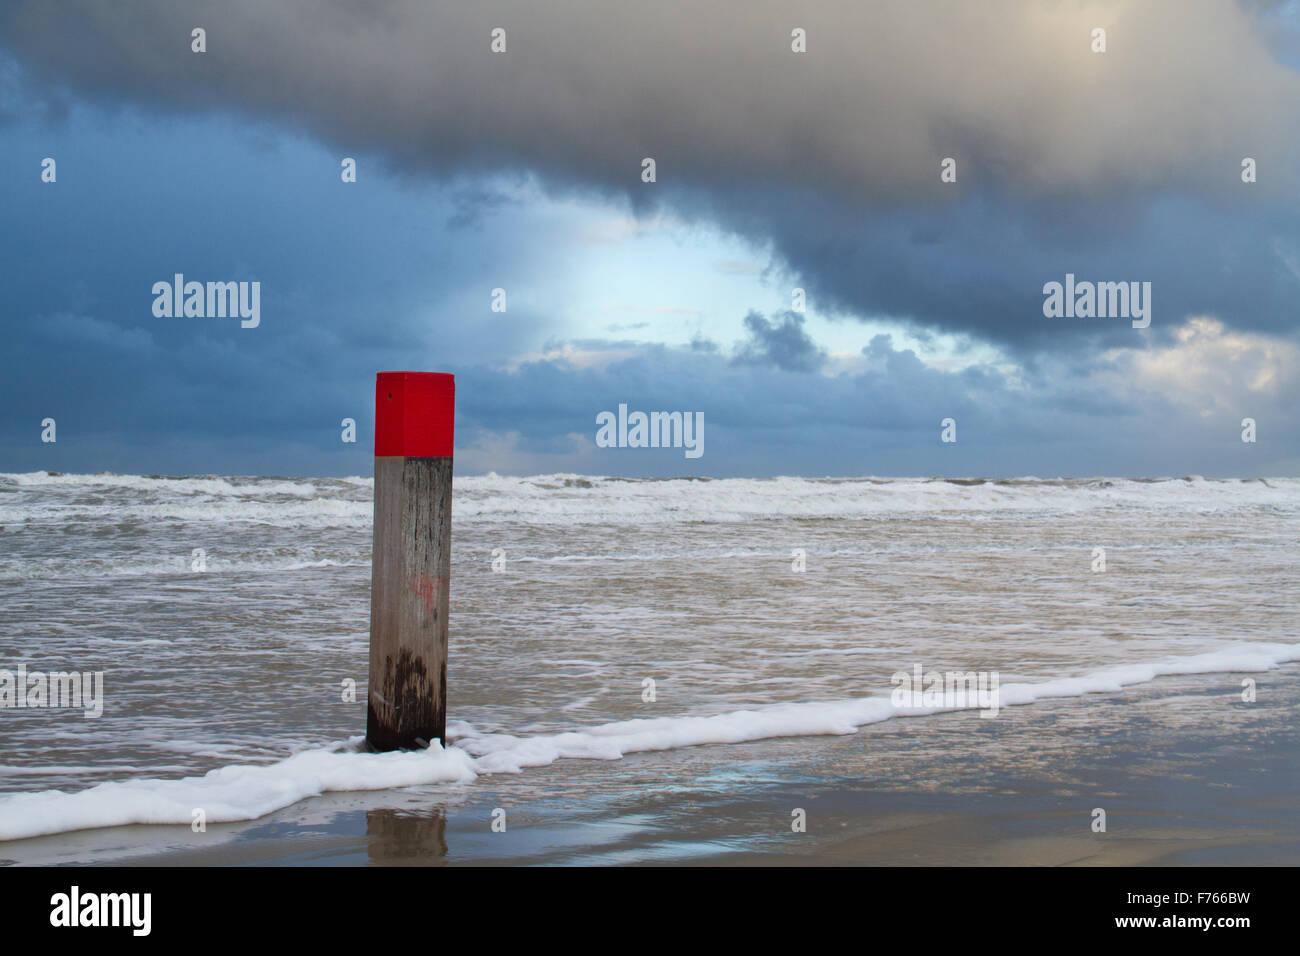 Pôle de plage avec tête rouge à marée haute sous un nuage sombre Photo Stock